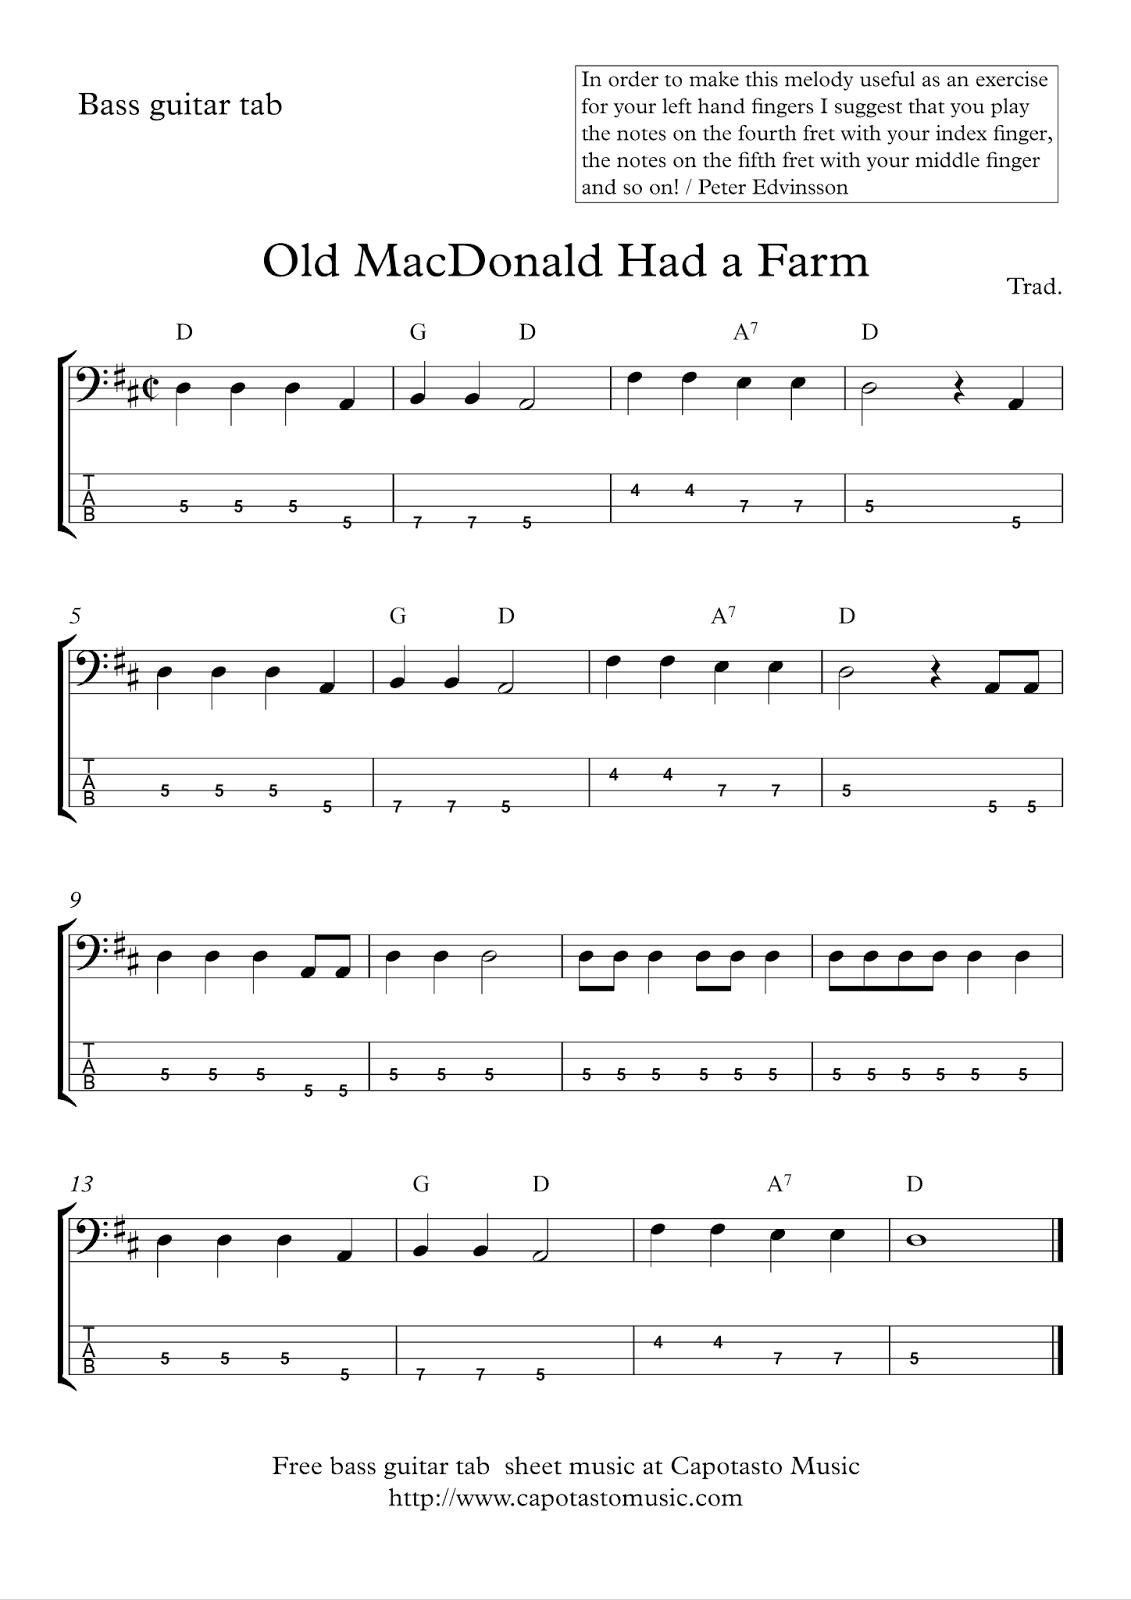 Free Sheet Music Scores